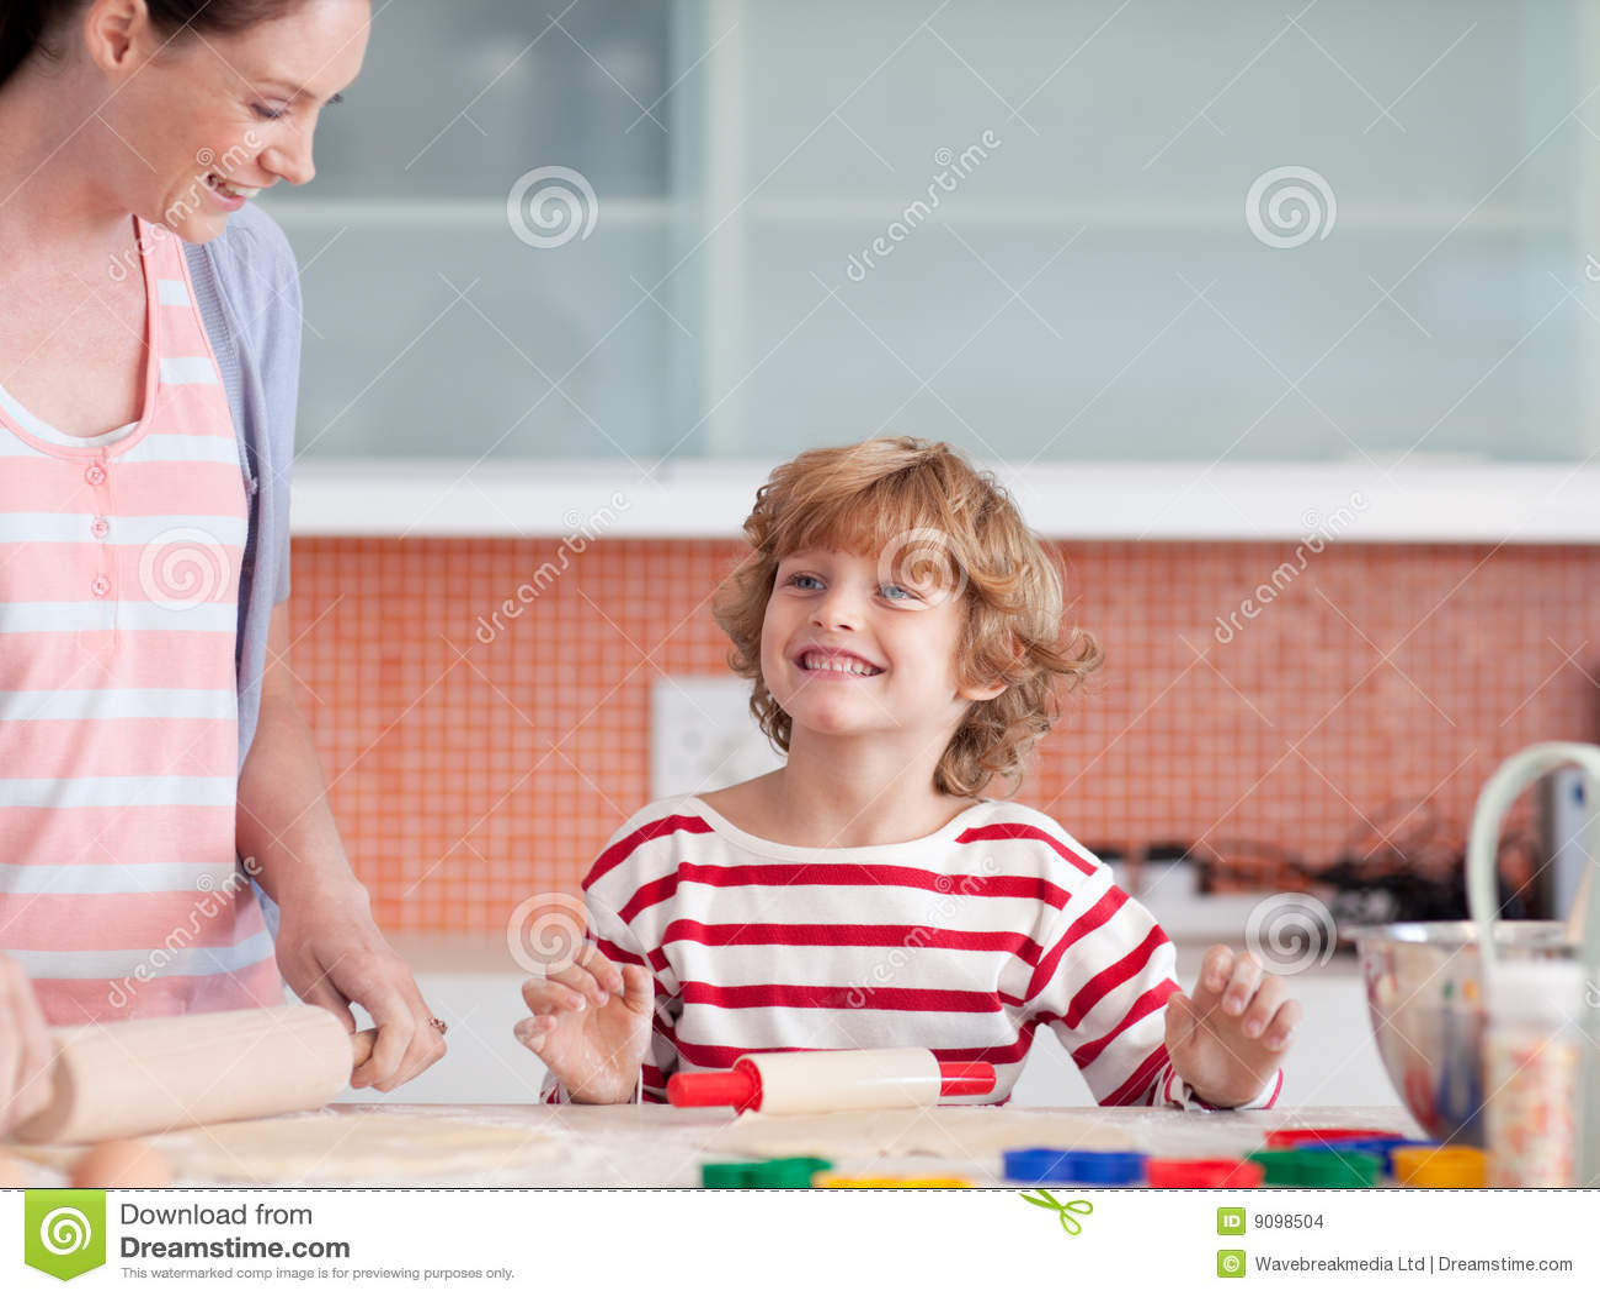 Сын подглядывает за матерью в бане, Порно сын подглядывает за мамой в бане HD 29 фотография